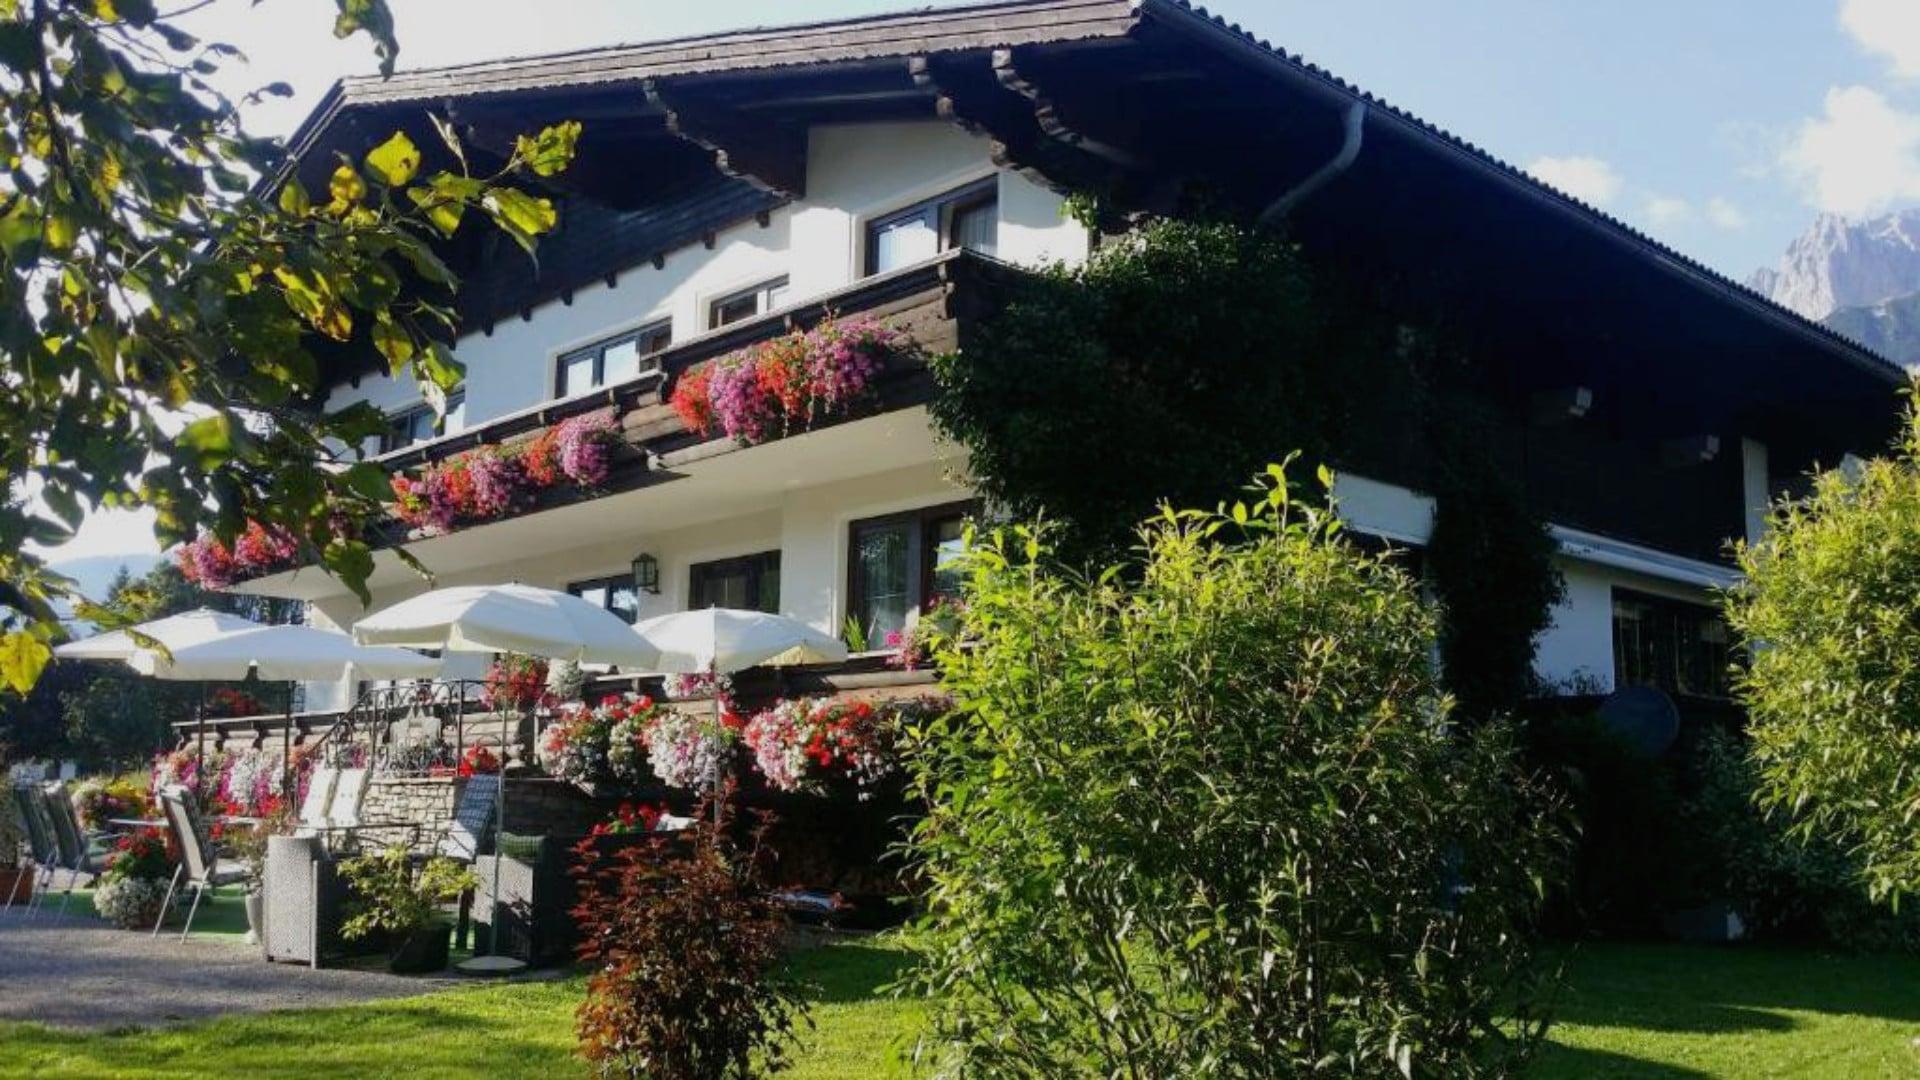 Pension B&B Bergschlößl, Ramsau am Dachstein